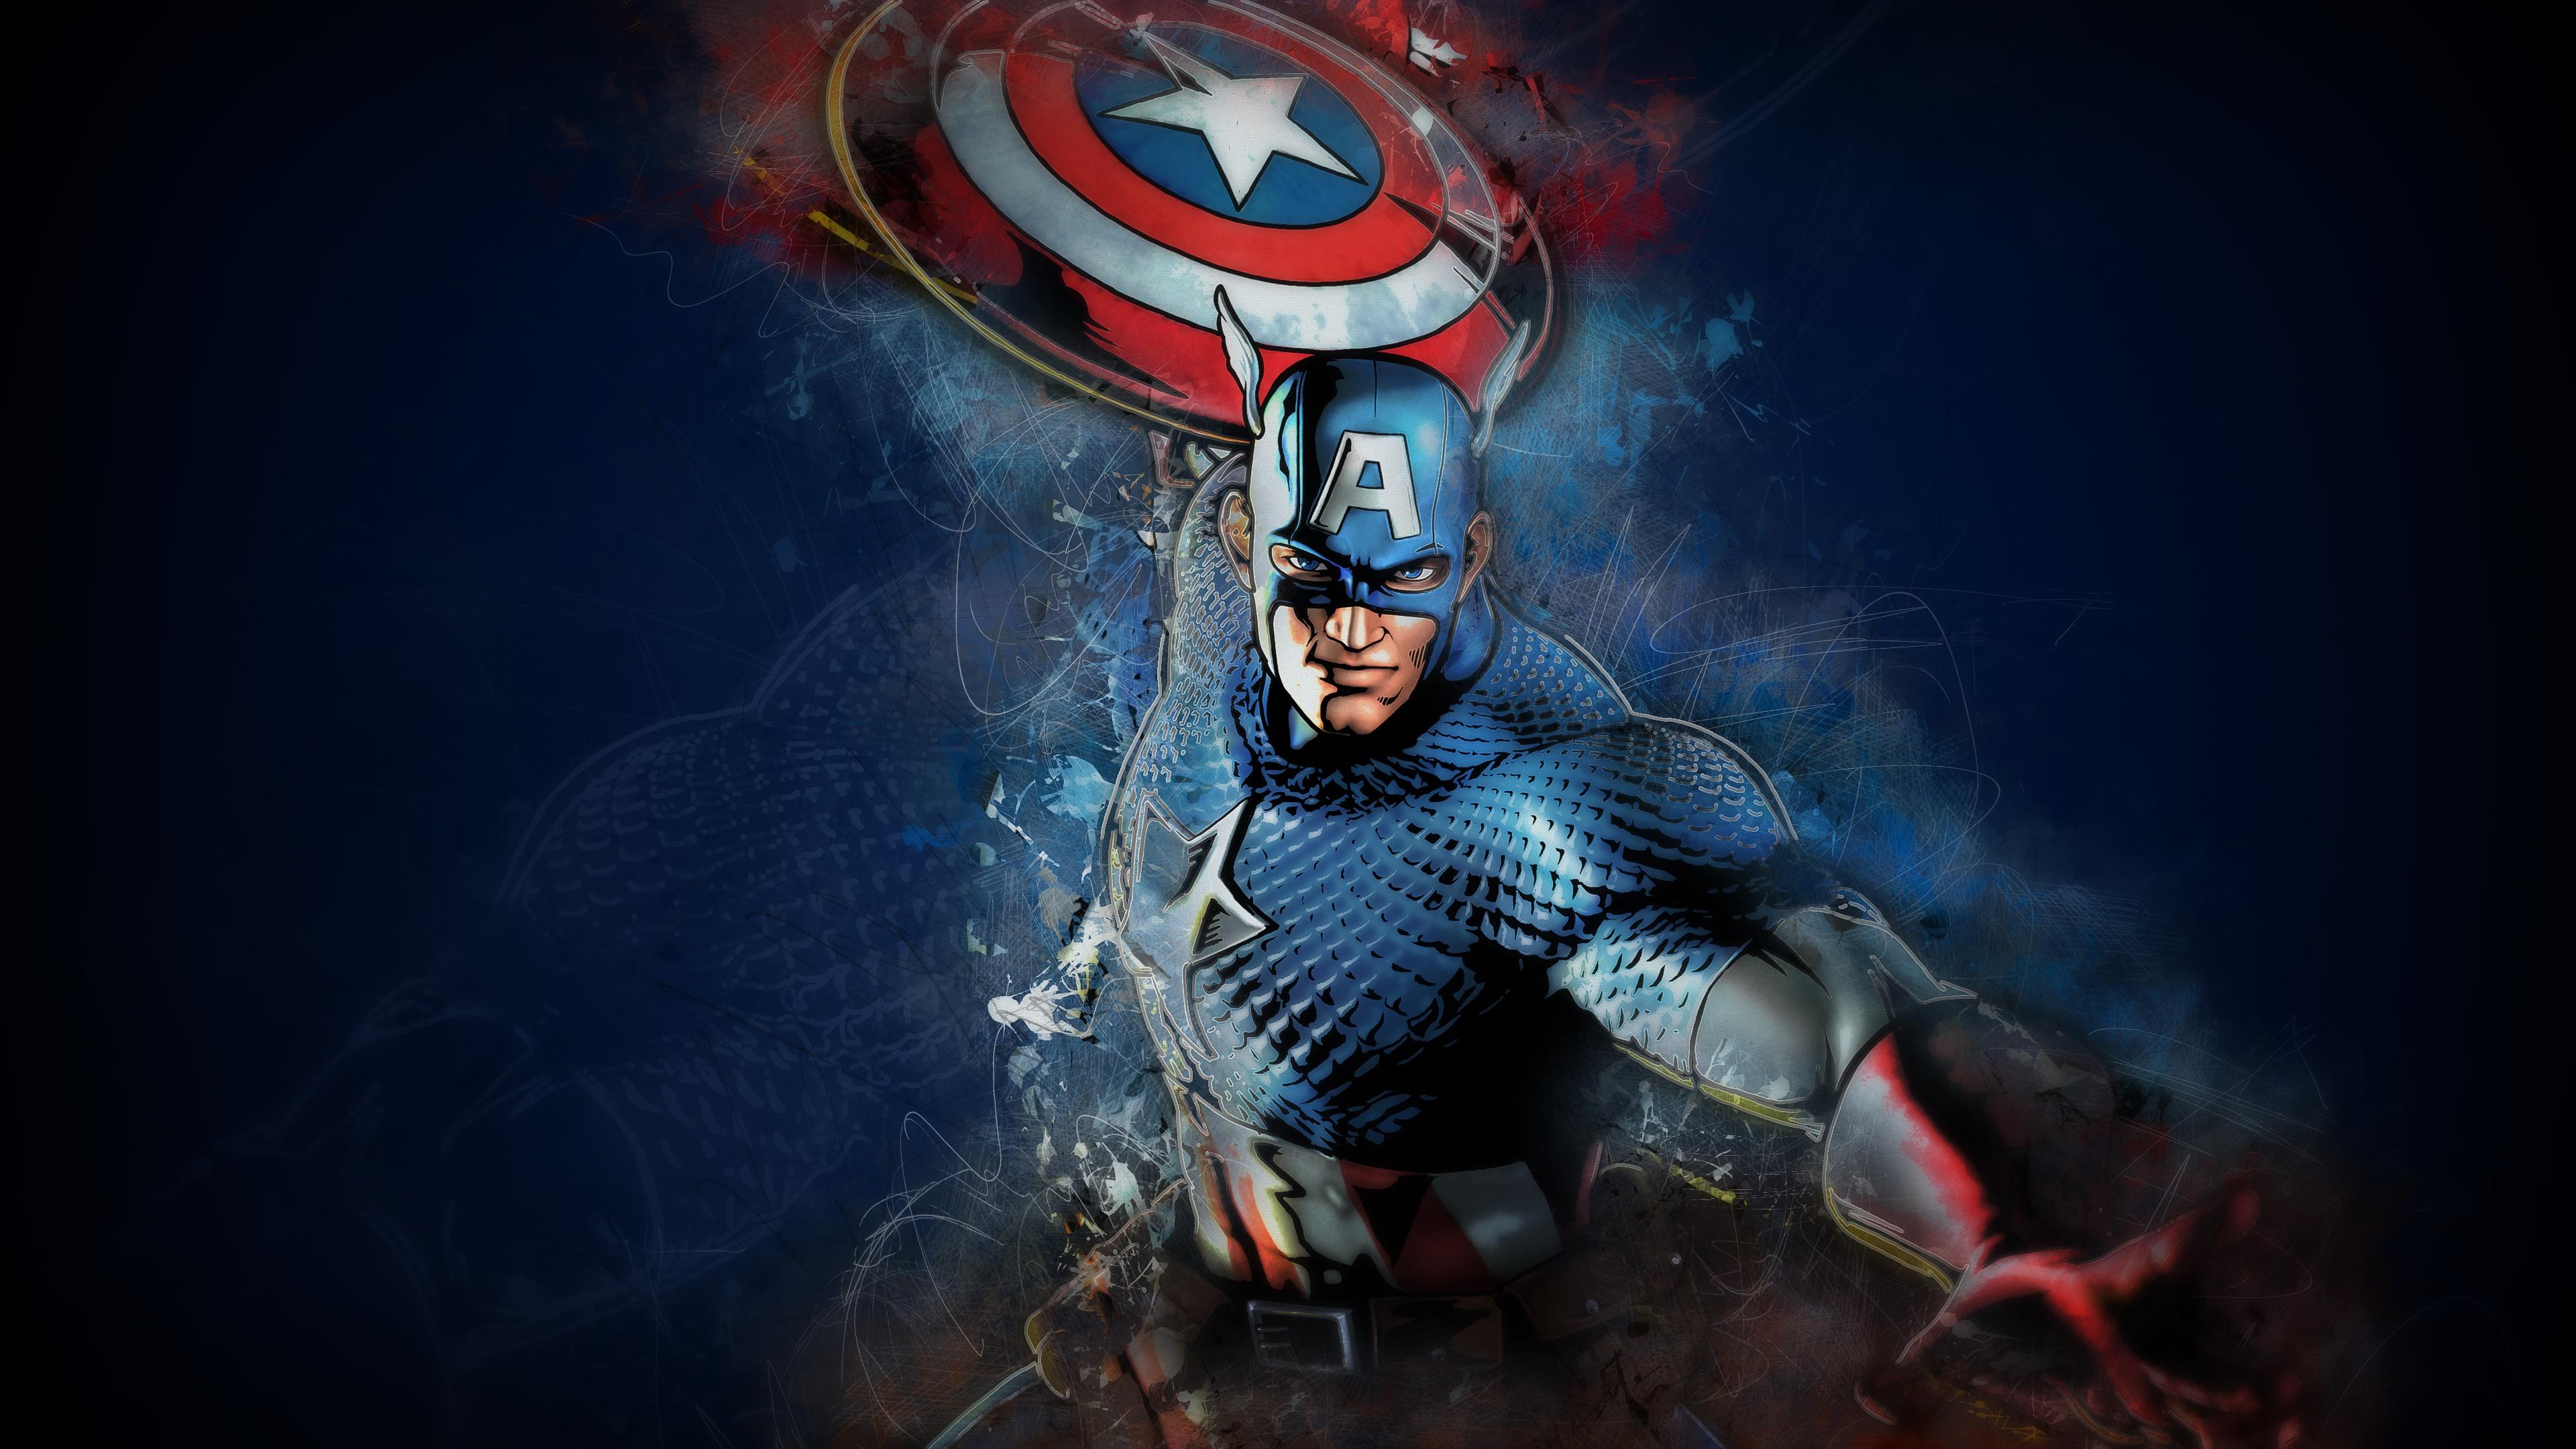 Полет Человека-паука в шлеме и красным щитом во Вселенной